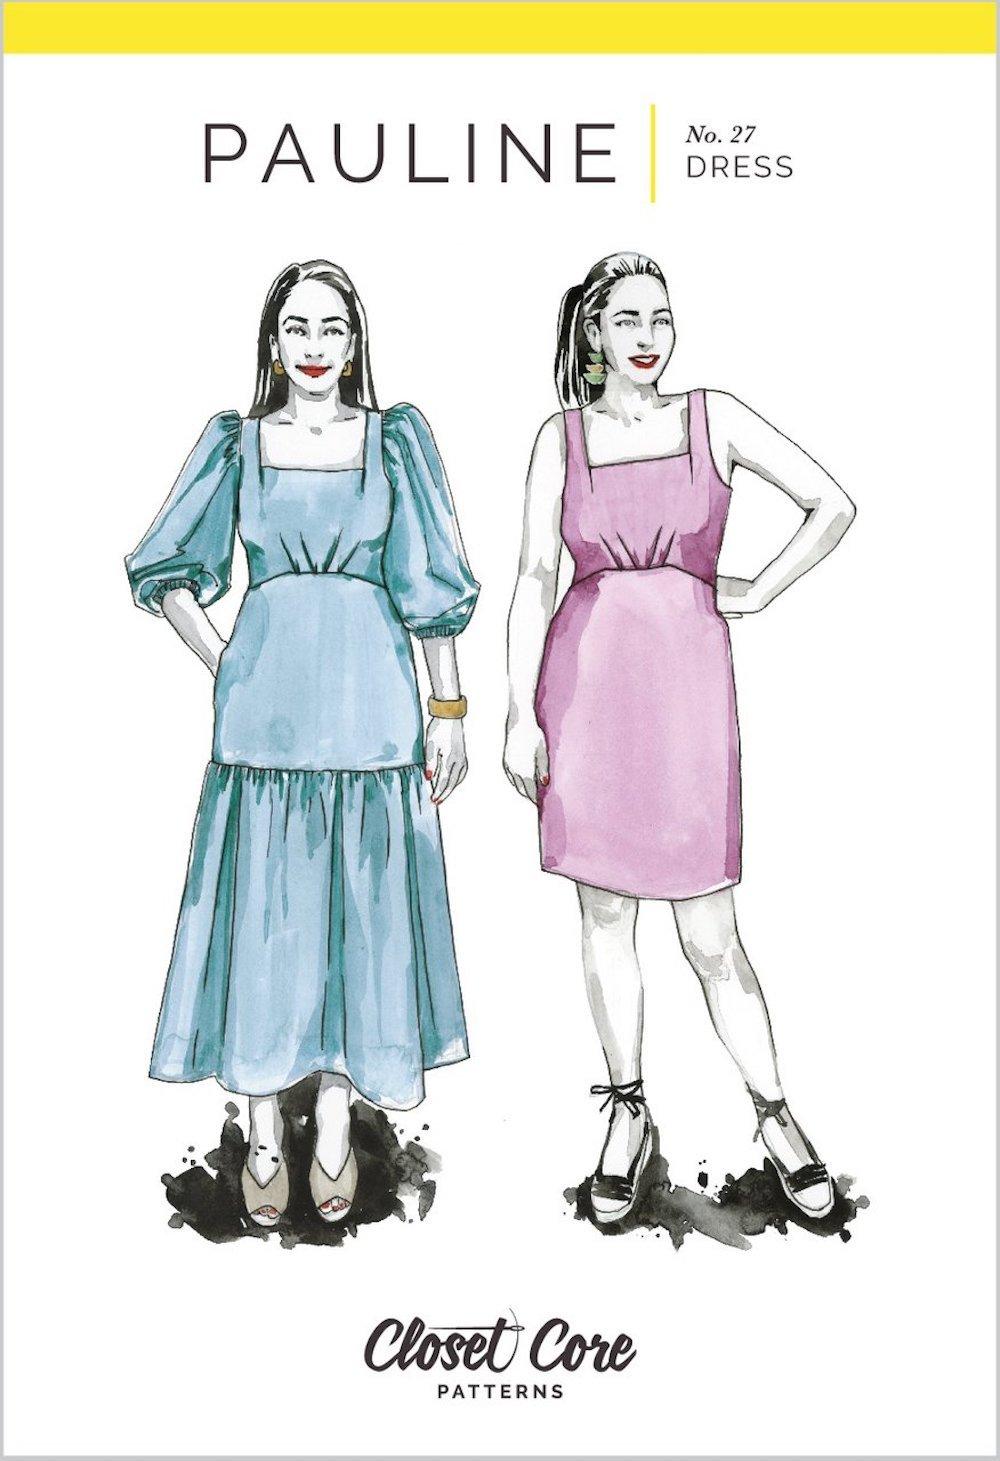 Pauline Dress - Closet Core Patterns